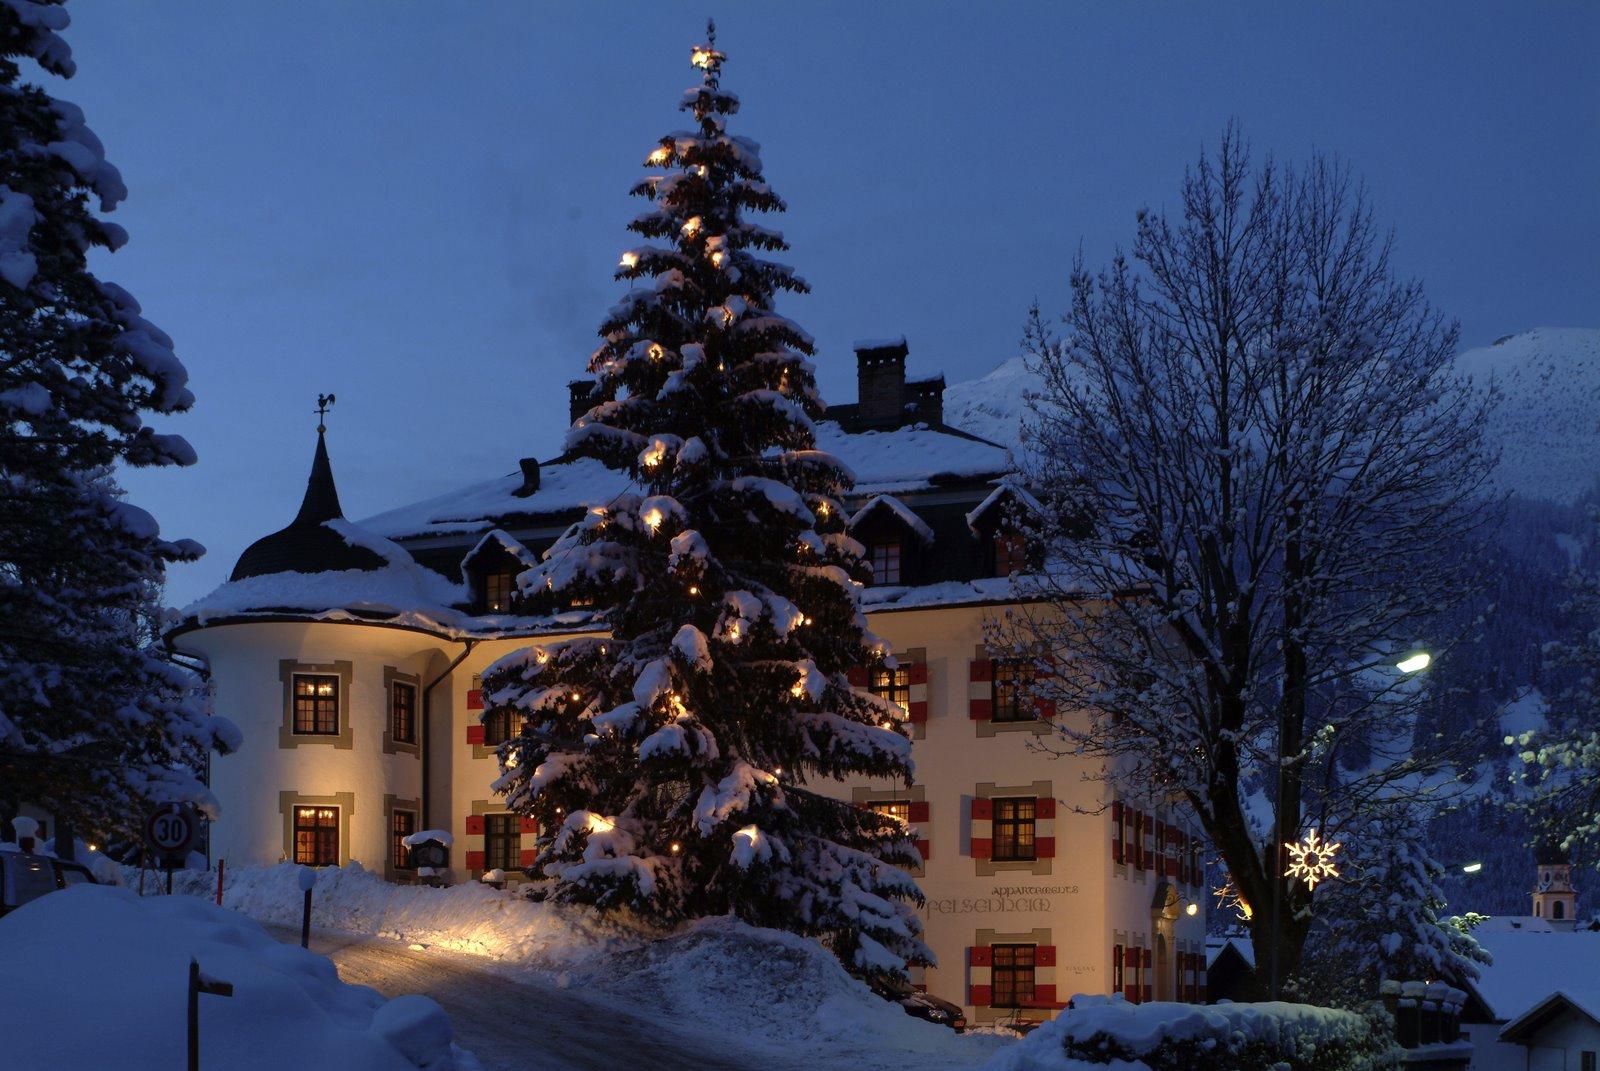 Witte Kerst Huis : De zugspitzarena in tirol ik droom van een witte kerstu